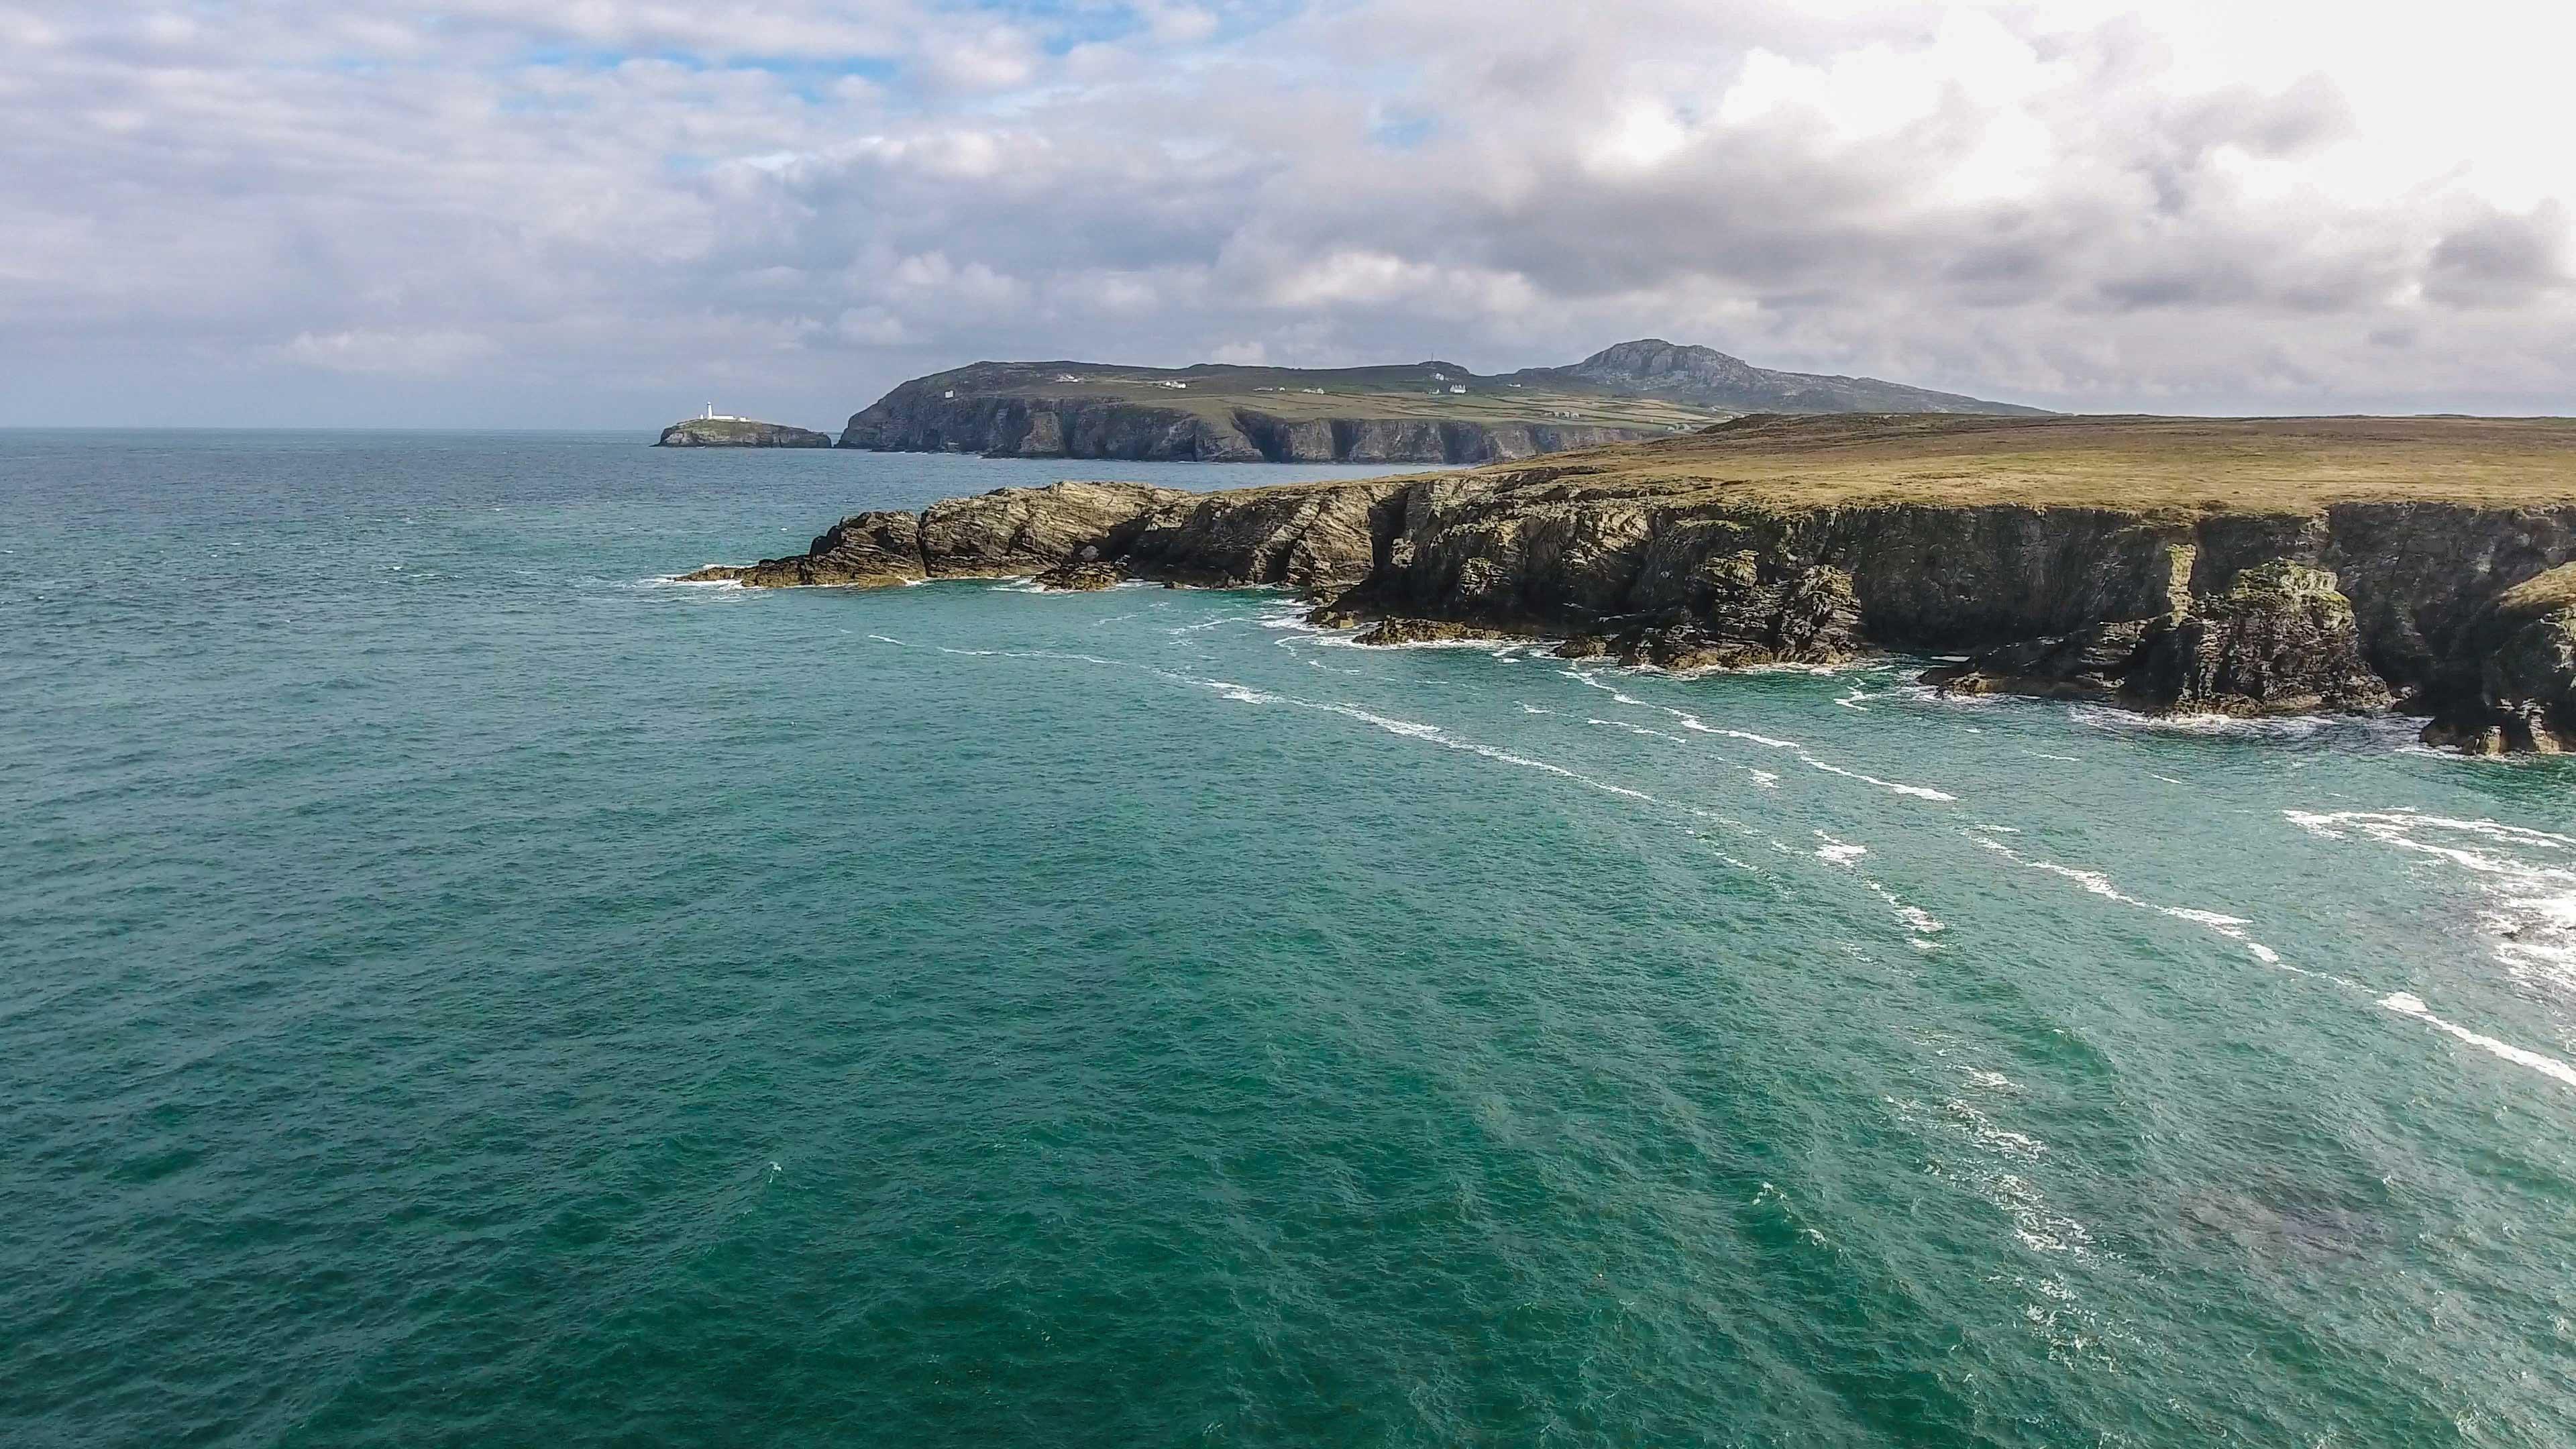 Sea coast in North Wales